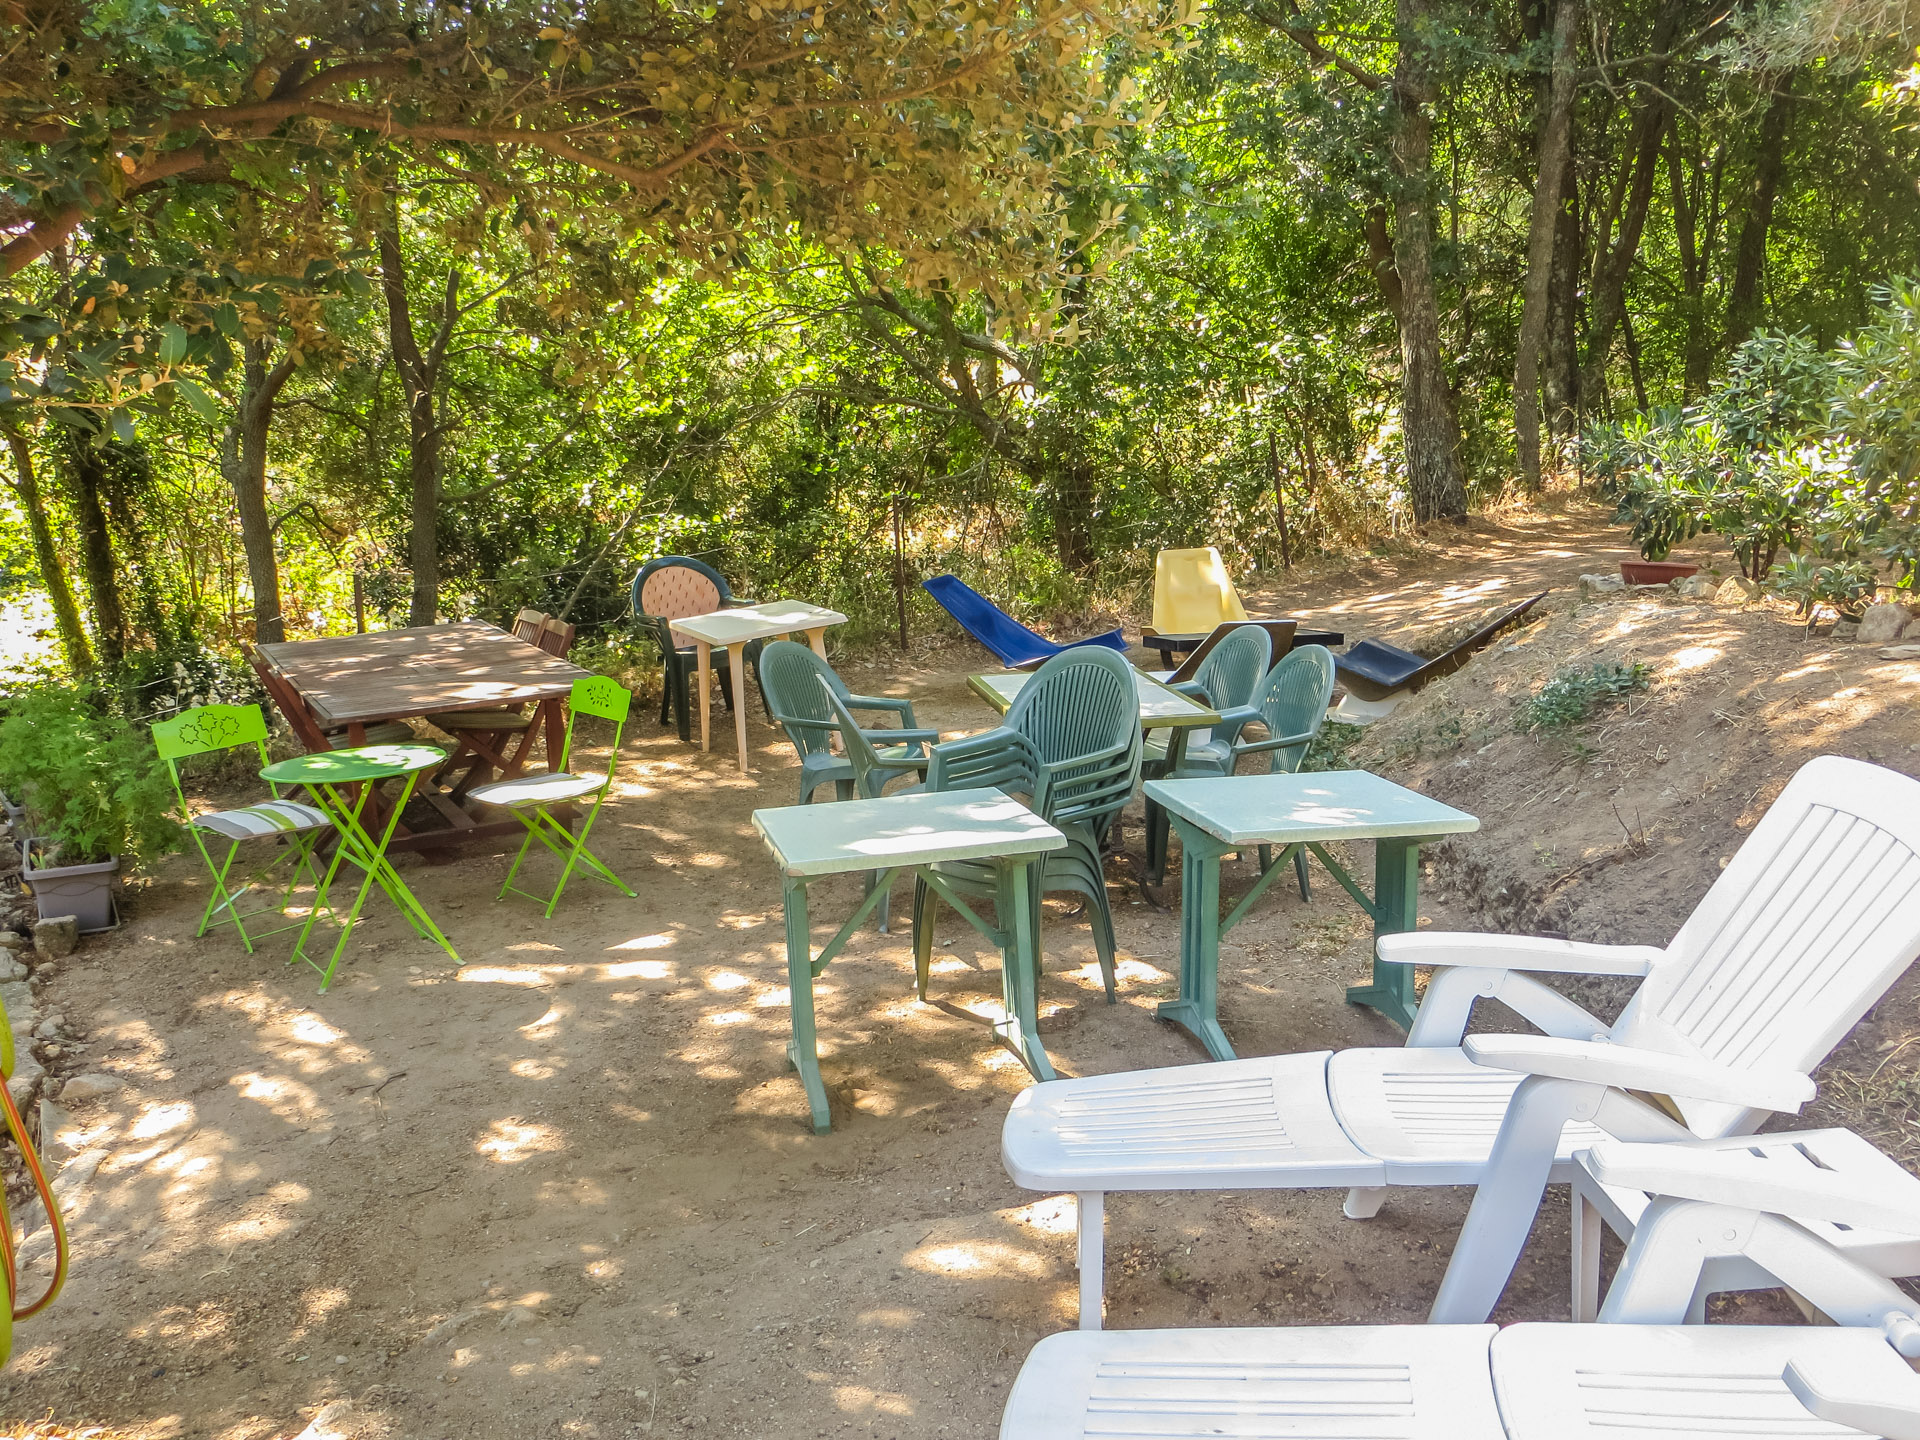 Camping U Pignottu